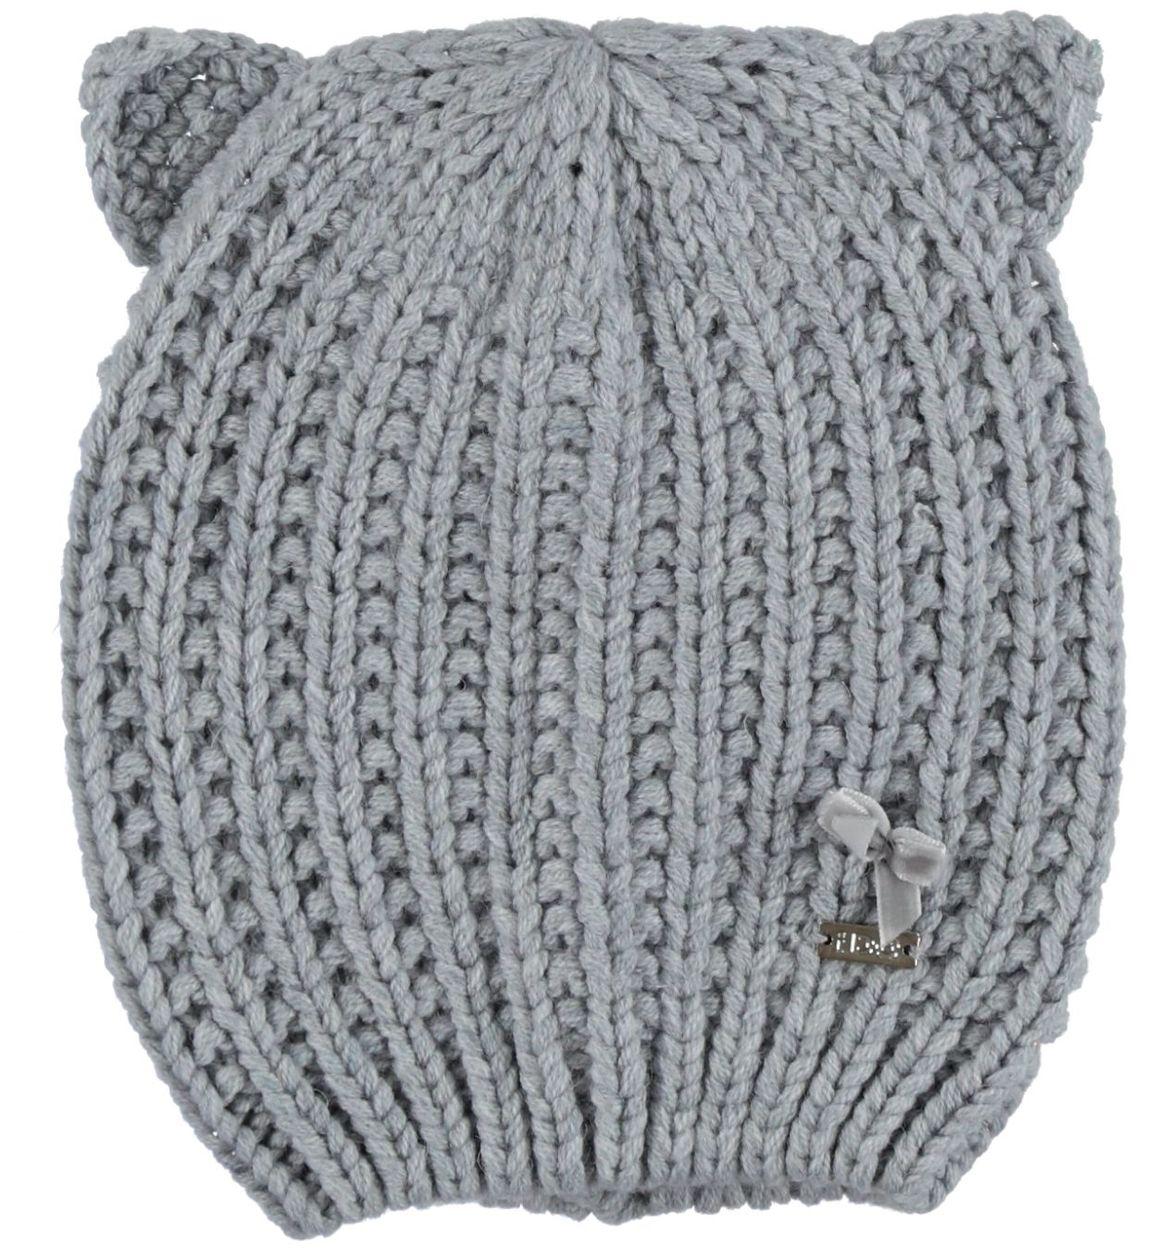 Cappellino con orecchie lavorazione a maglia inglese per bambina da ... c8570a3646e8